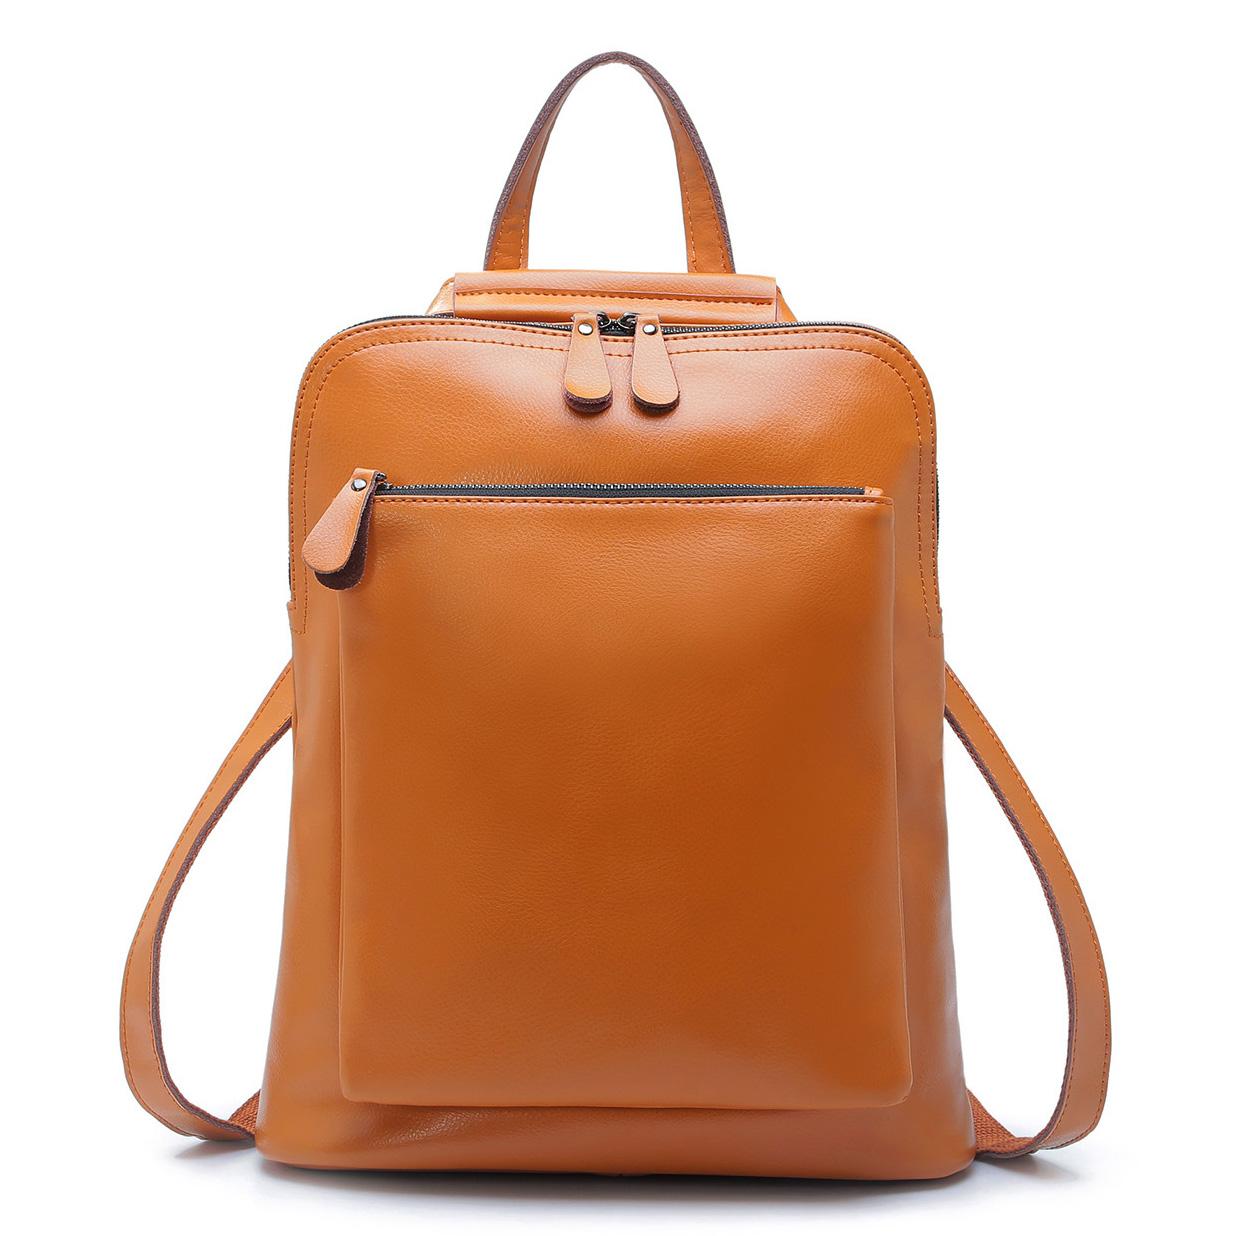 29 Laptop Bags That Don t Sacrifice Style  88719de92